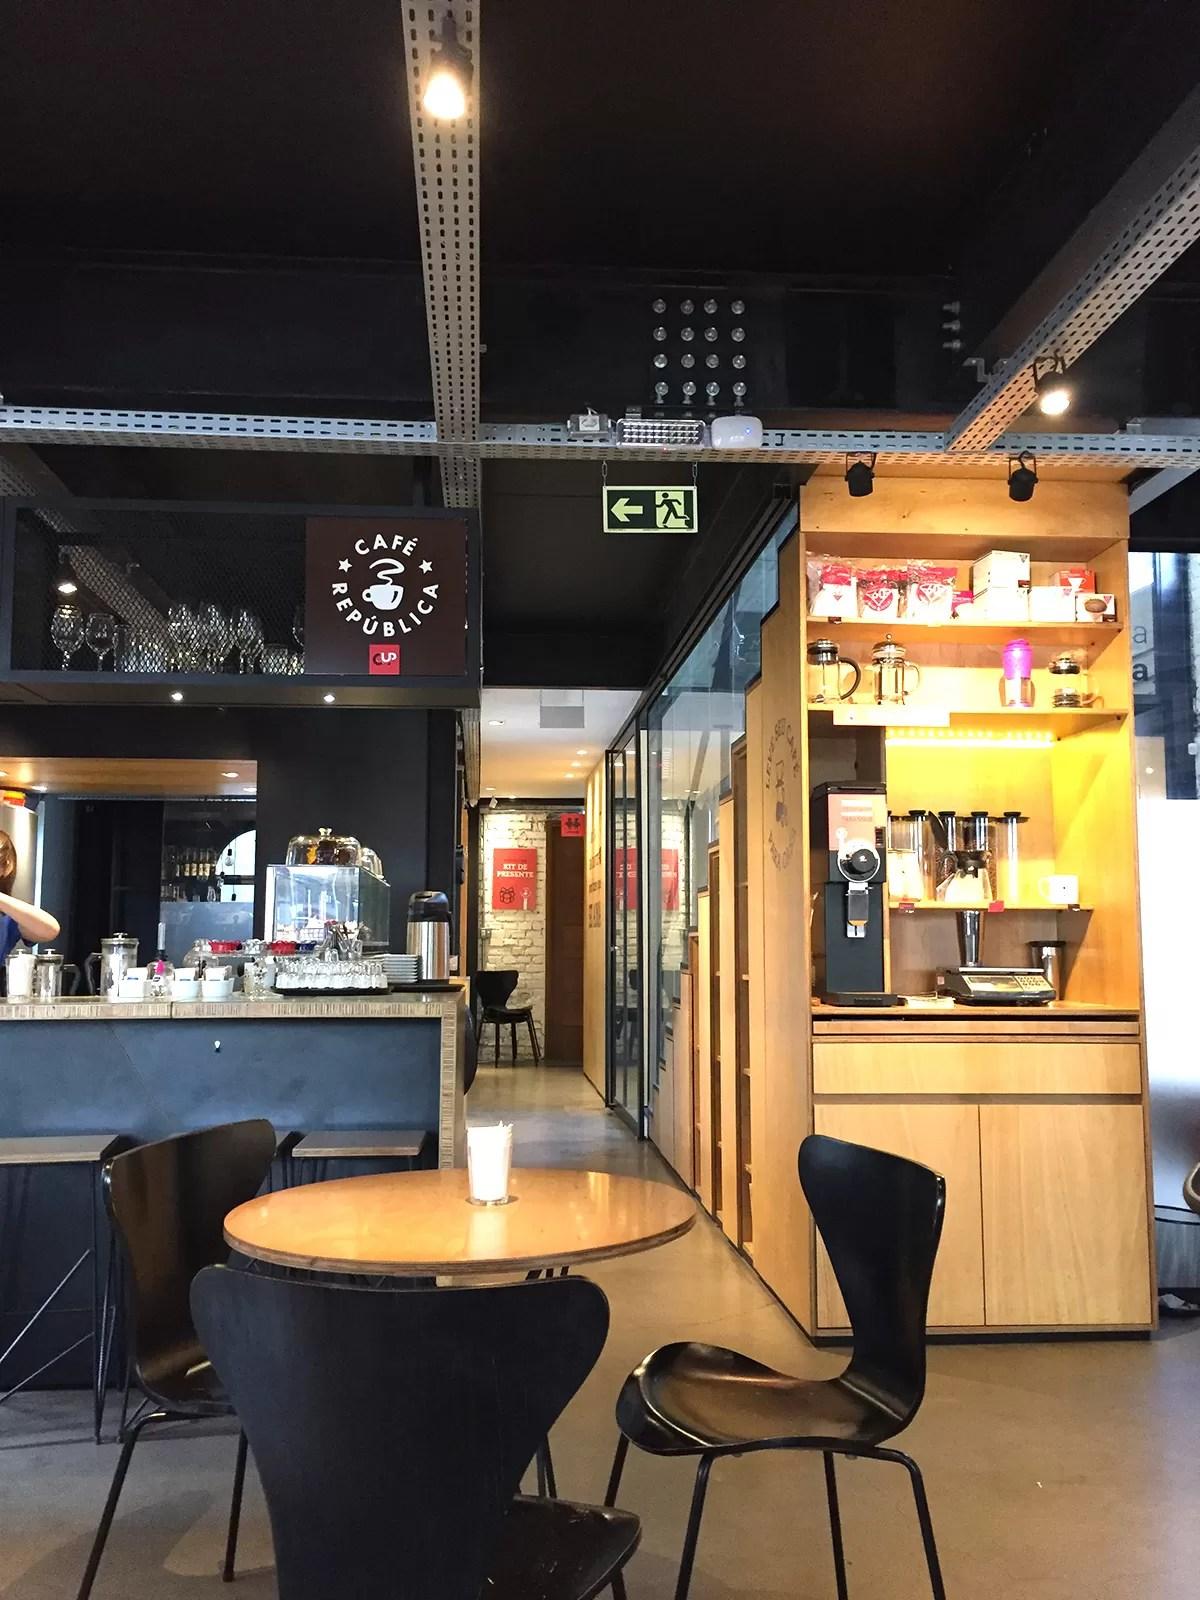 Decorao do Repblica Caf Conhea o Caf